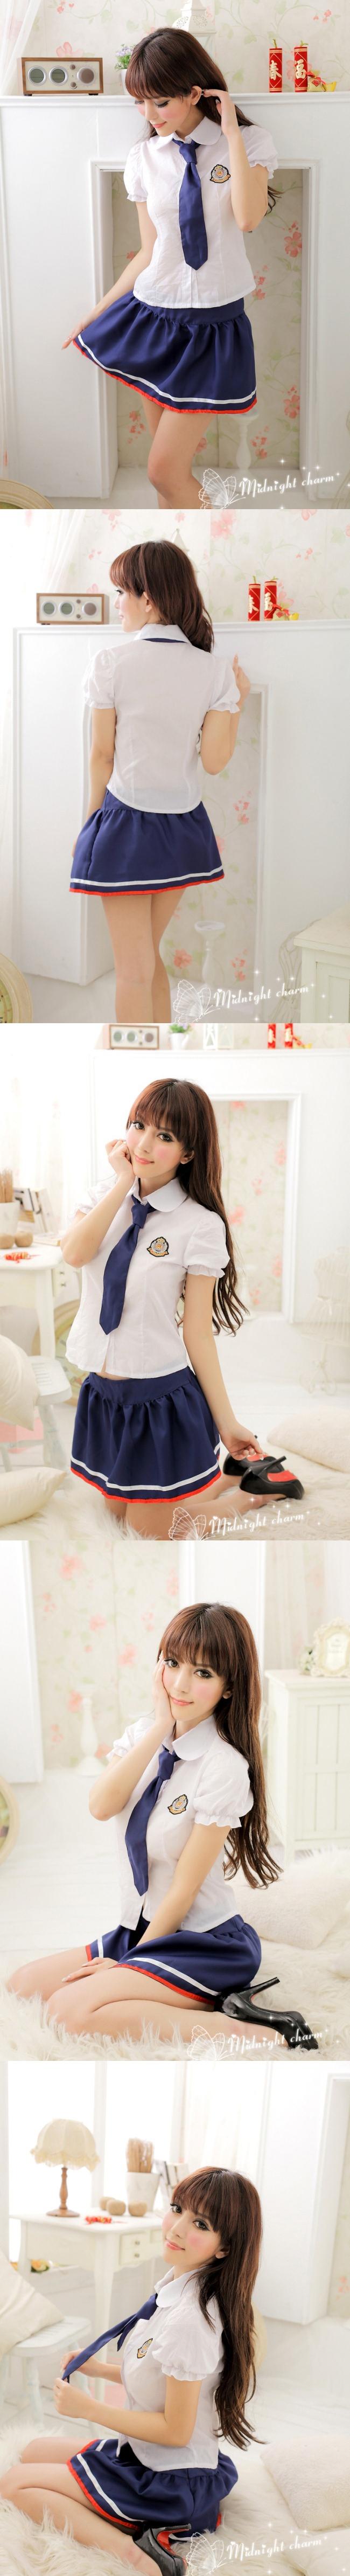 얌전한 스타일 학생교복[BA_C0142]